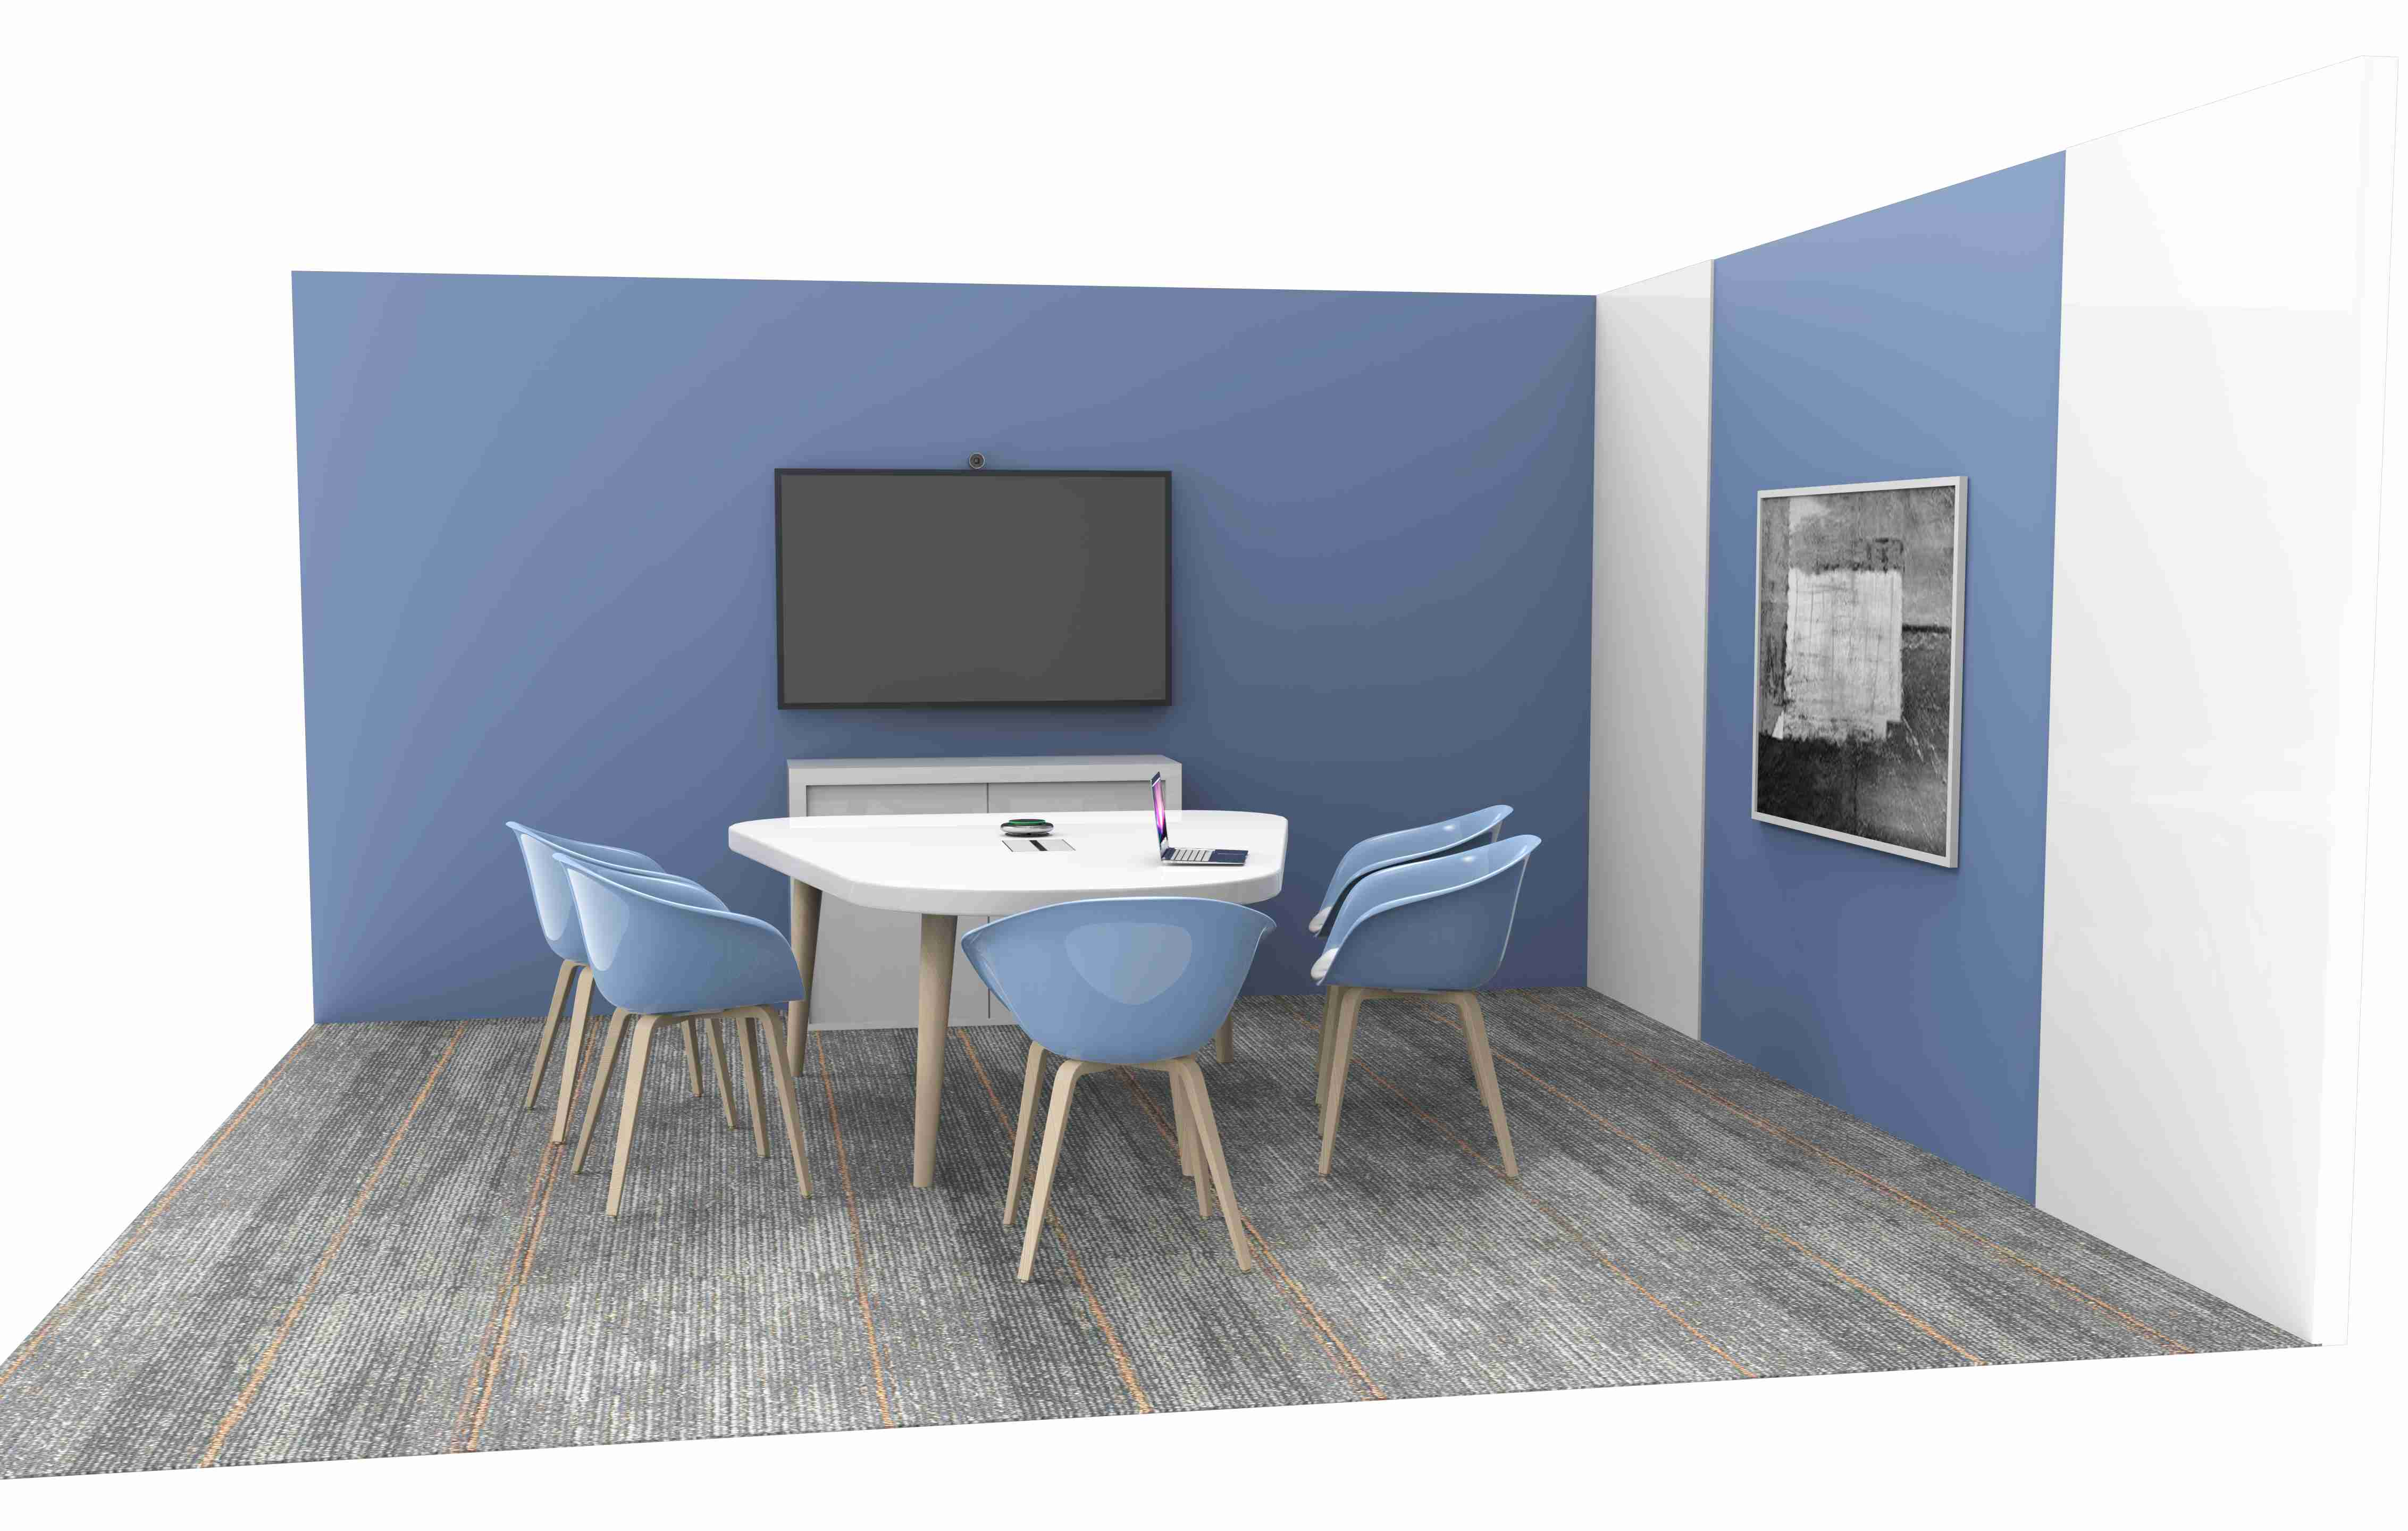 schéma místnosti videokonferenční sada